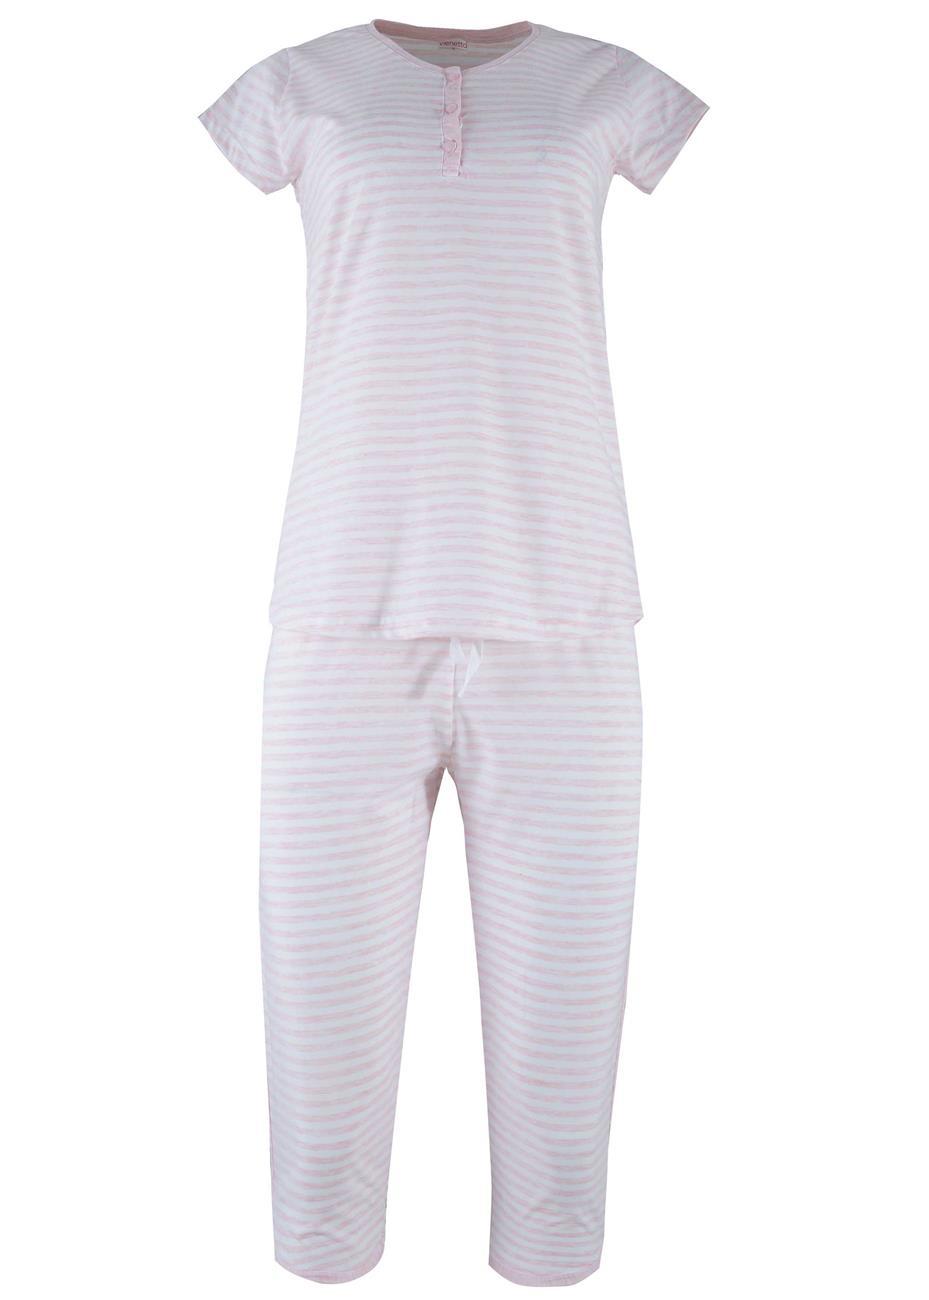 Γυναίκεια πυζάμα capri stripes print. Comfortable style. ΡΟΖ